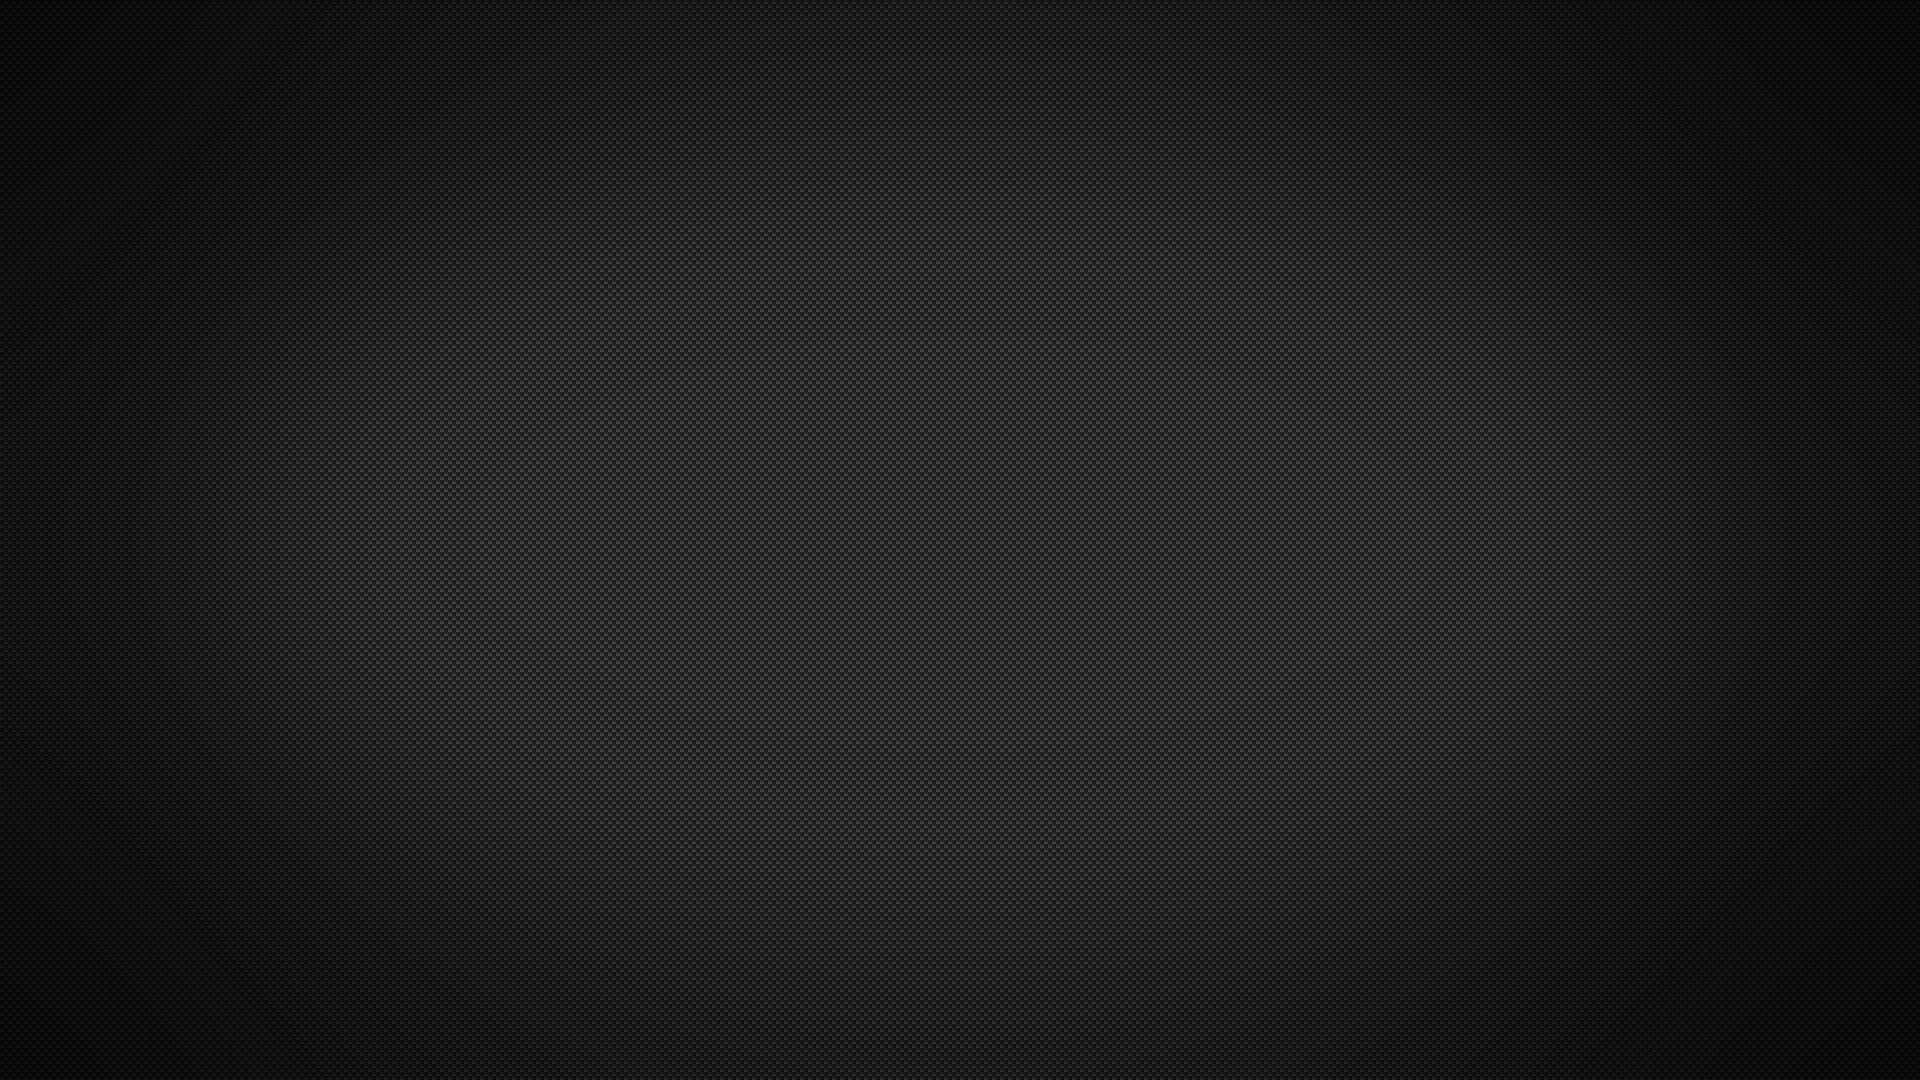 デスクトップ壁紙 単純な背景 テキスト パターン テクスチャ サークル ブランド 形状 設計 ライン 闇 スクリーンショット 19x1080 Px コンピュータの壁紙 黒と白 モノクロ写真 フォント 19x1080 Coolwallpapers デスクトップ壁紙